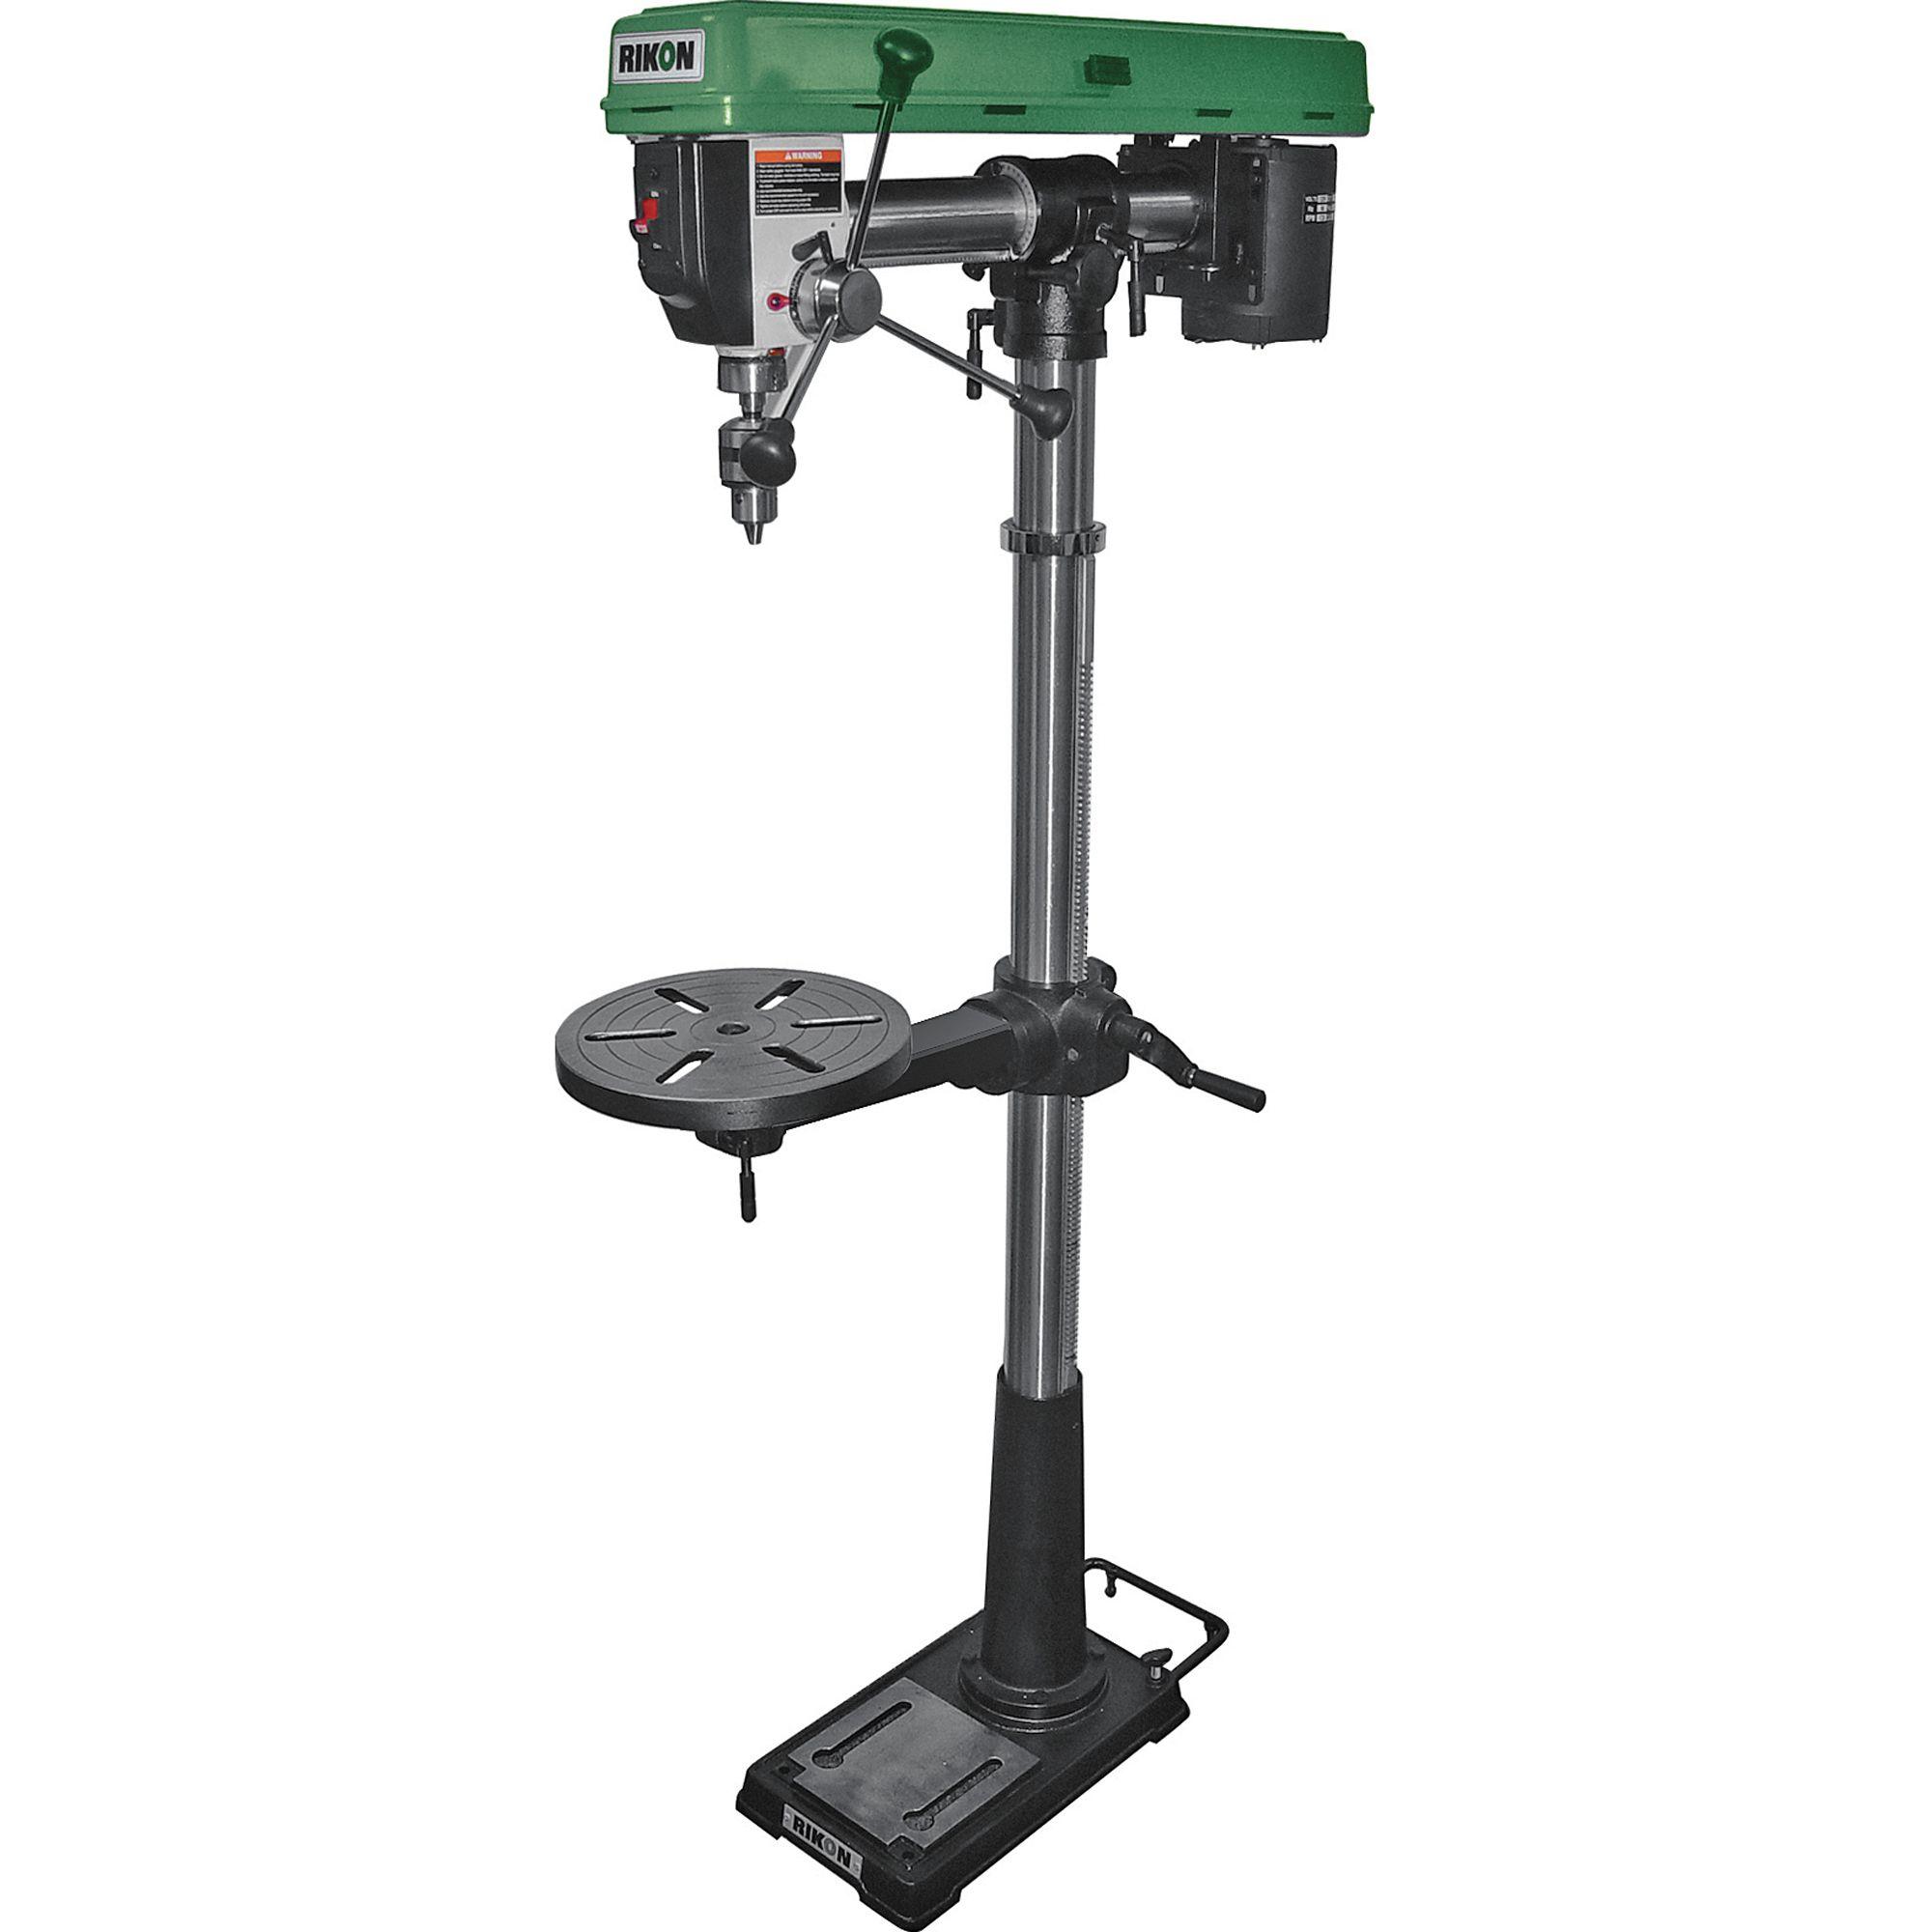 Rikon 1 hp 17 Floor Drill Press 30230  Tools  Bench